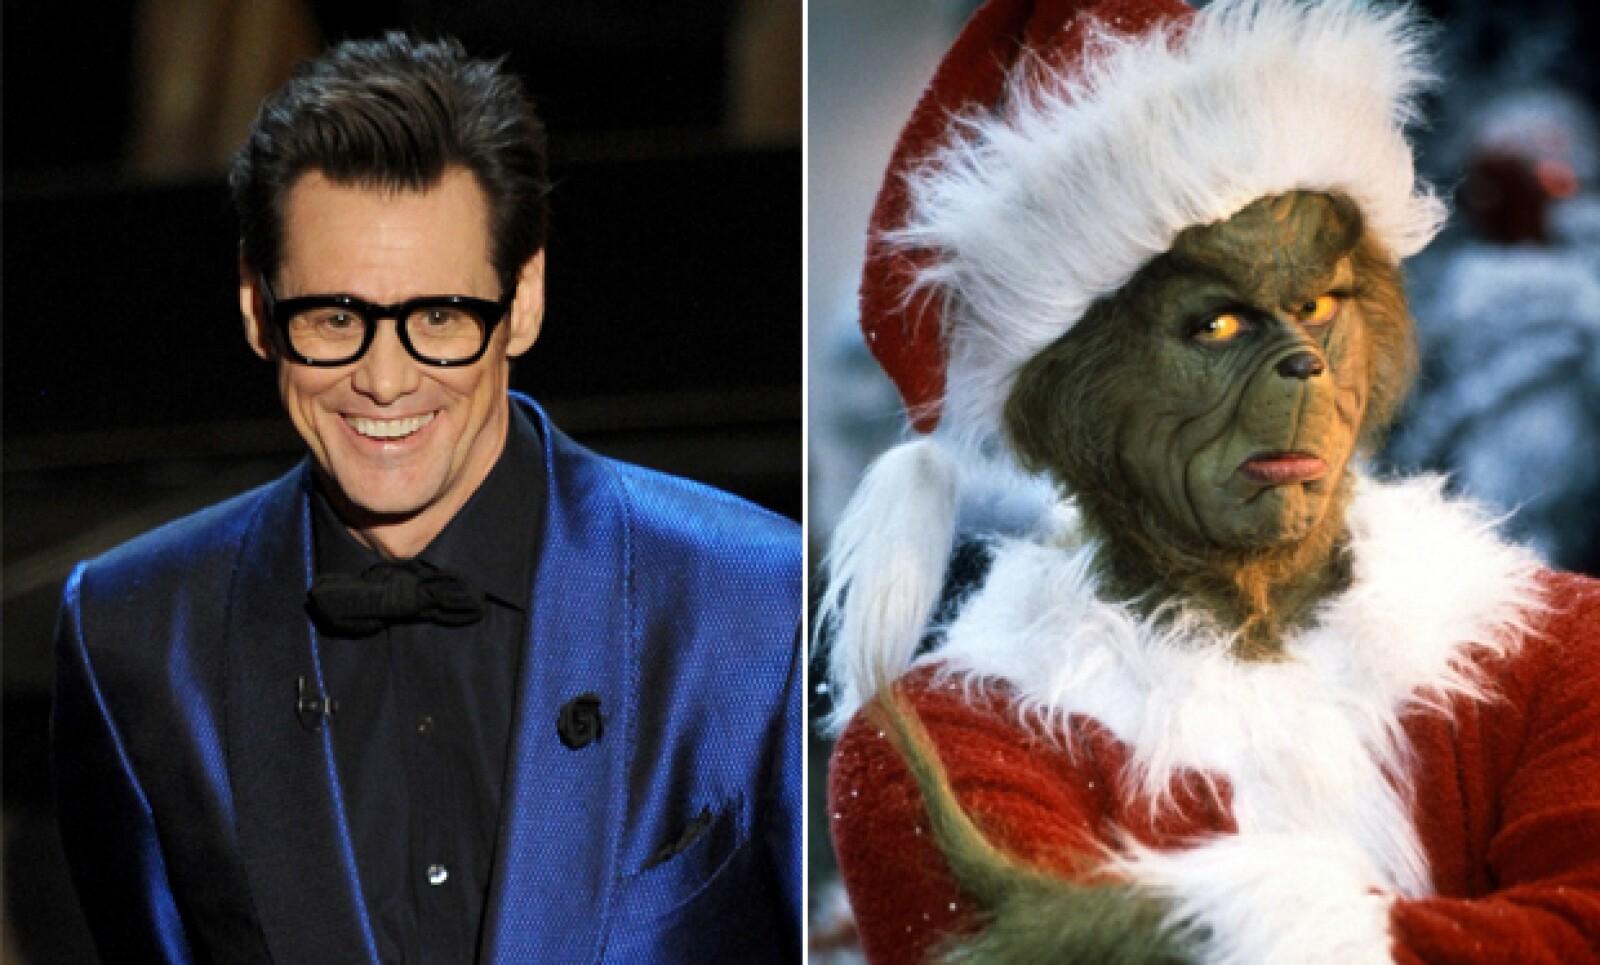 Jim Carrey es camaleónico por excelencia. Su personaje en The Grinch es sin duda, una de las caracterizaciones más impactantes que hayamos visto en la historia del cine.